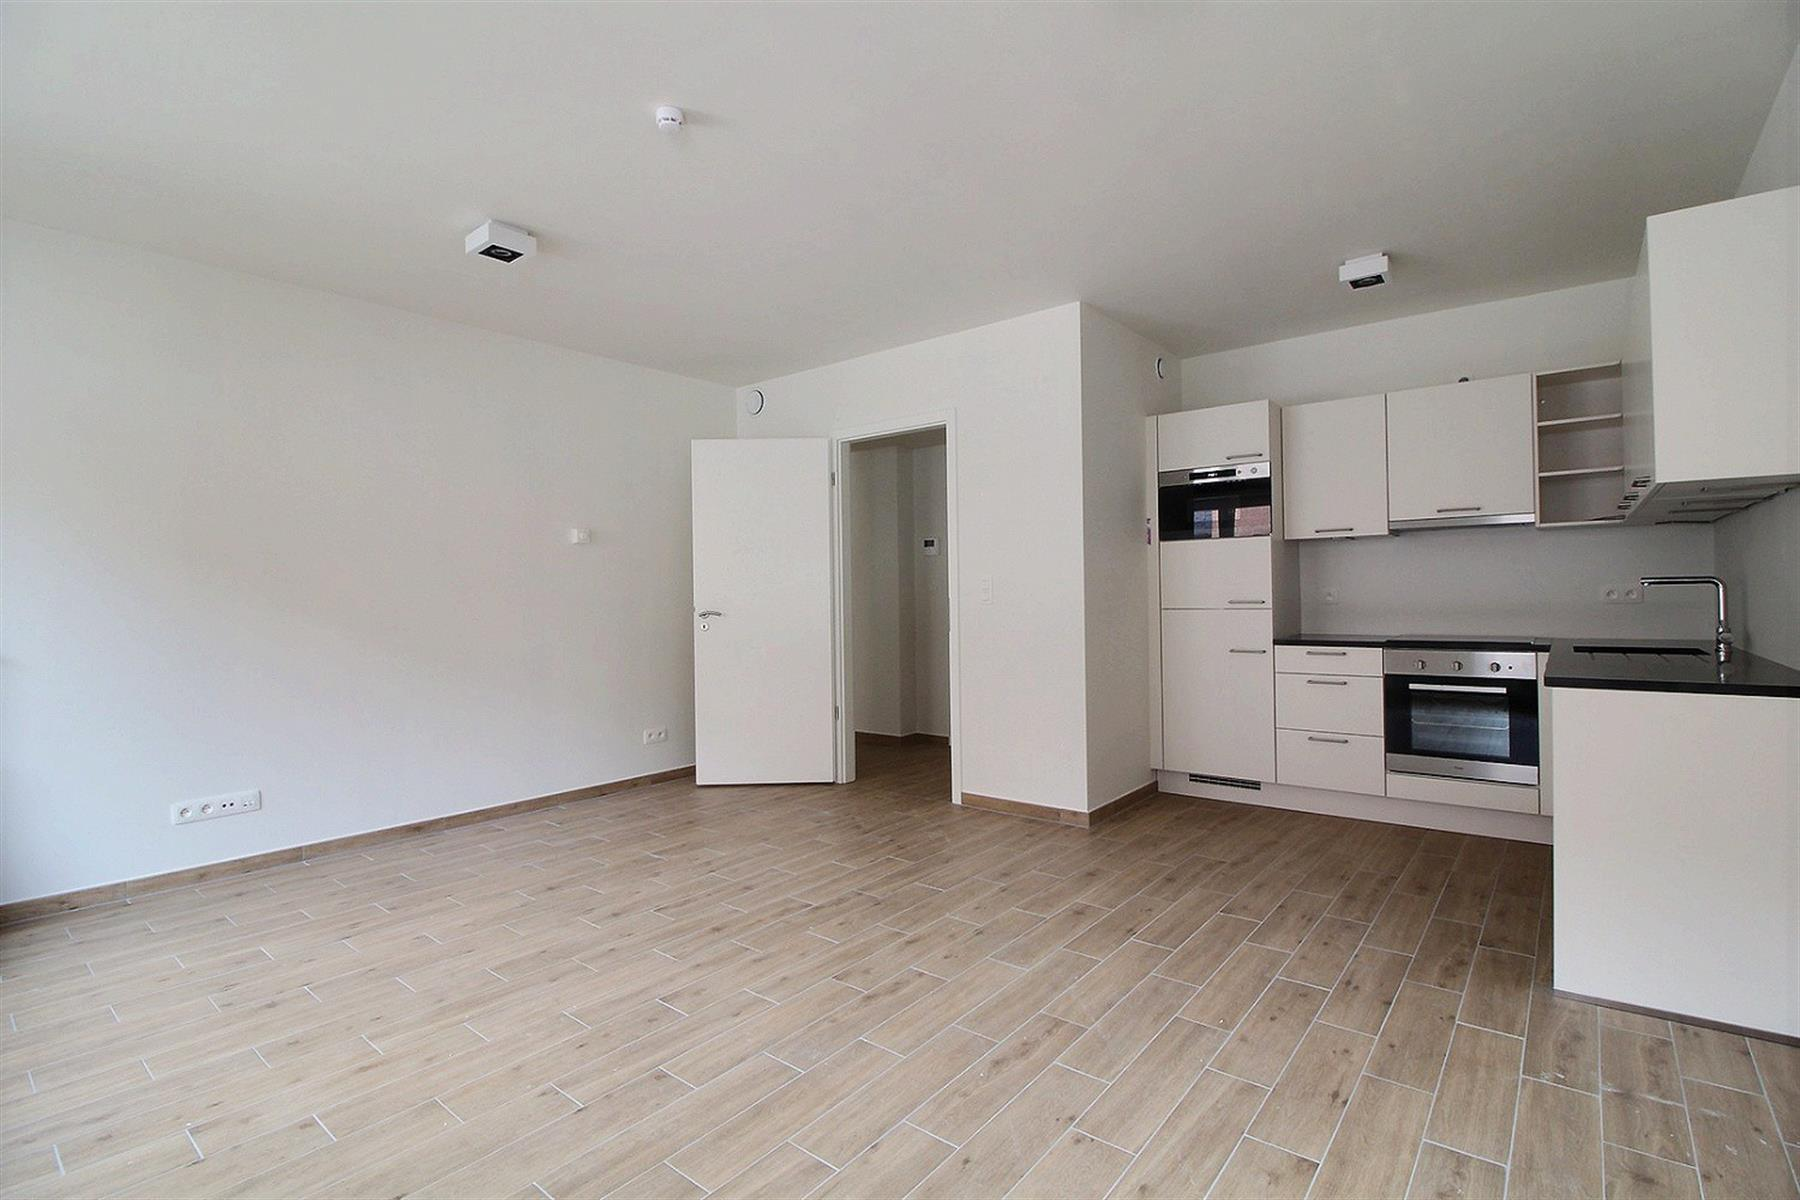 Appartement - Ottignies-Louvain-la-Neuve Louvain-la-Neuve - #4188555-1